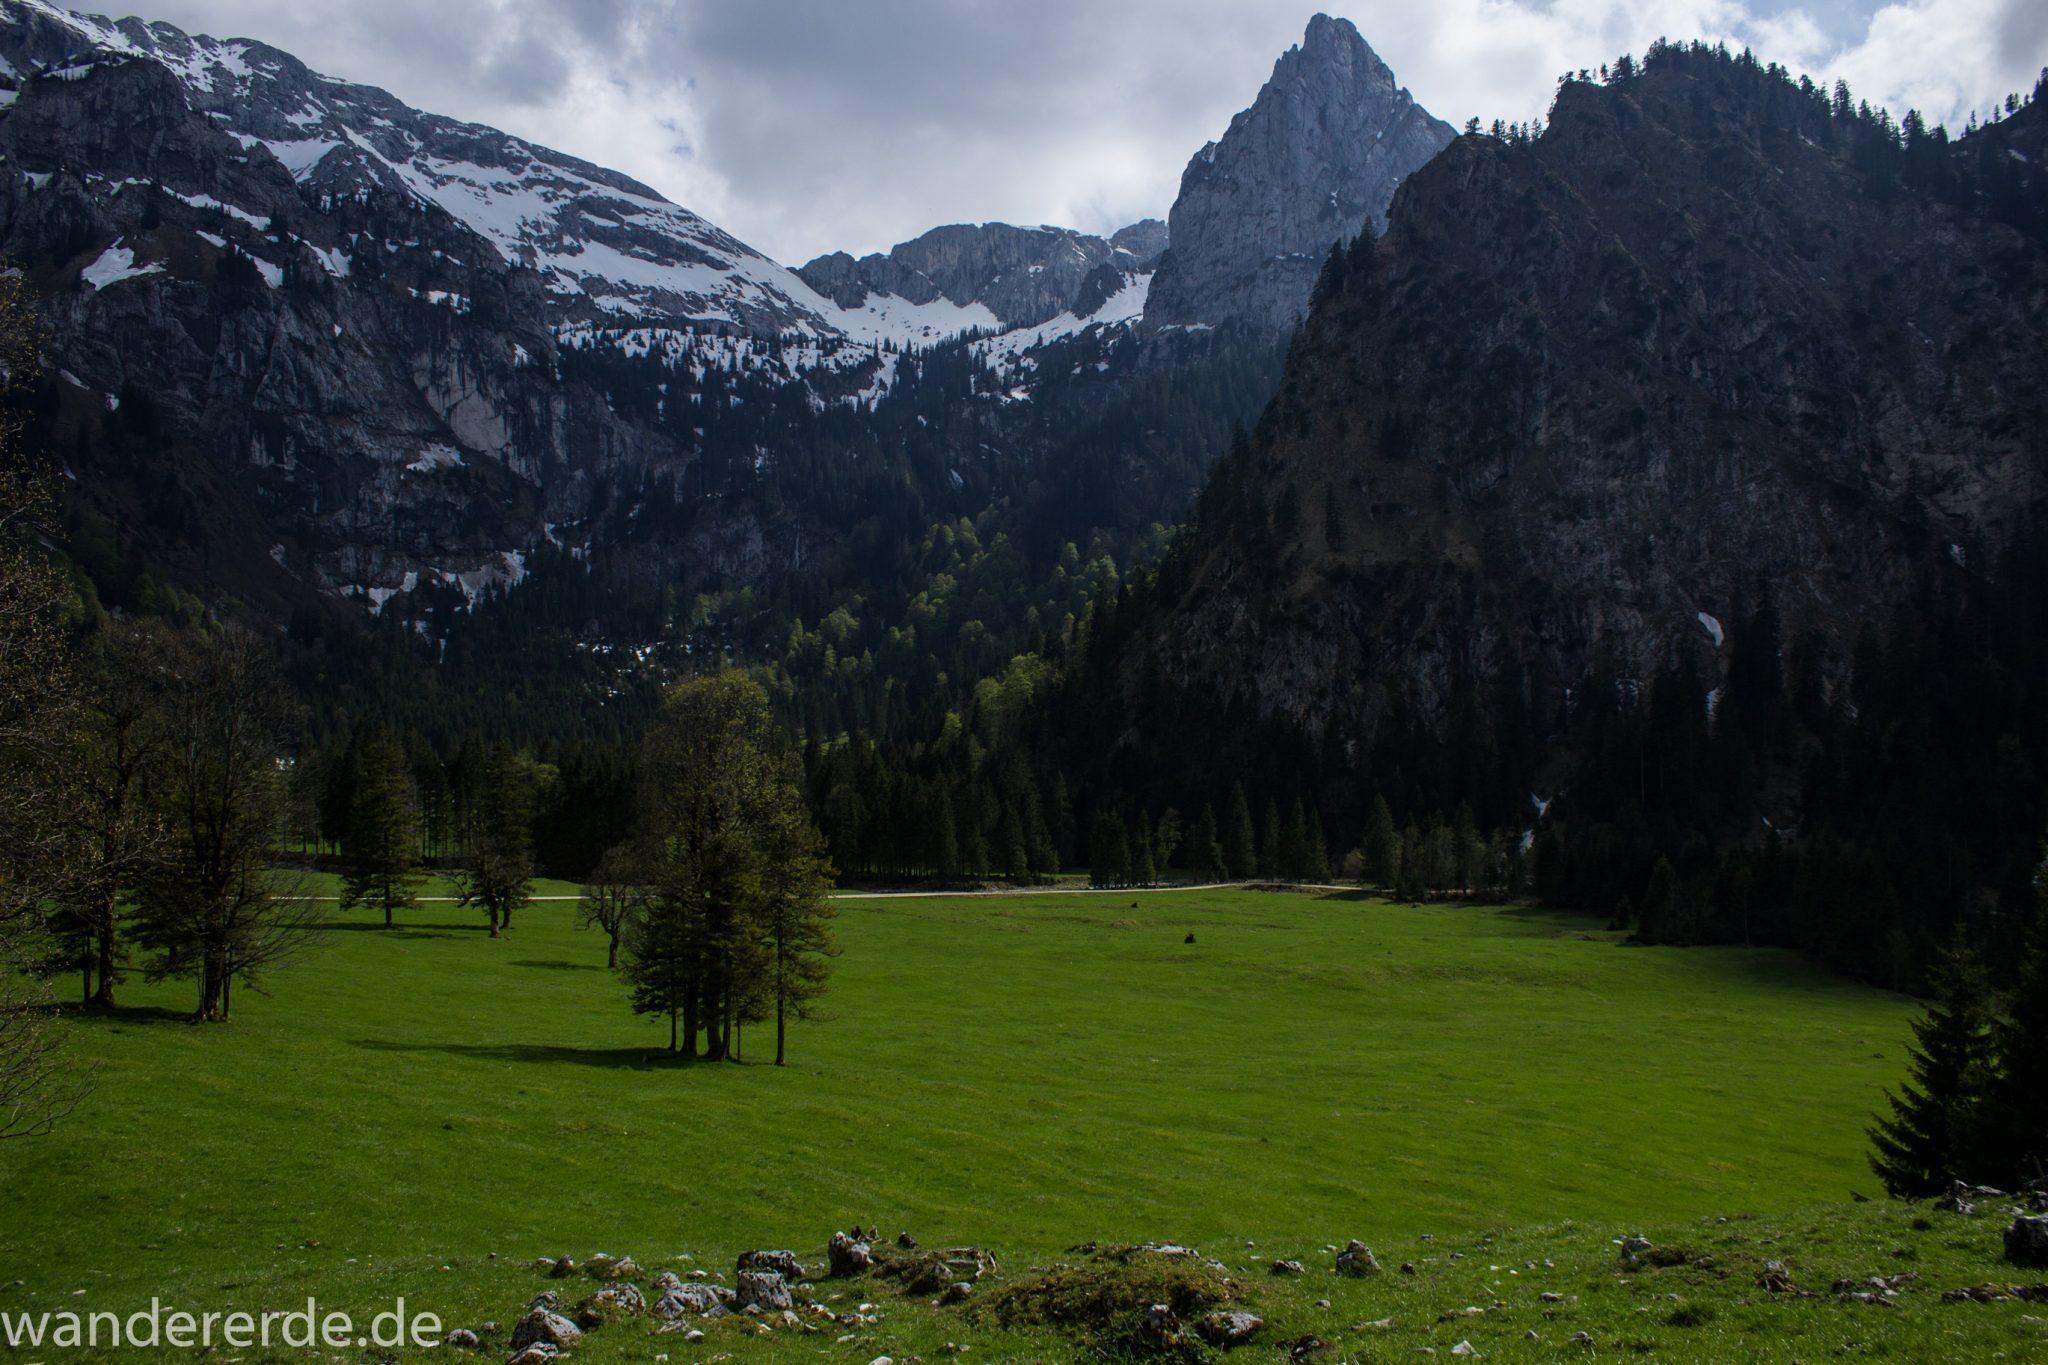 Wanderung zur Kenzenhütte in den Ammergauer Alpen, Aussicht auf die teils schneebedeckten Berge, spitzer Gipfel, Frühjahr in den bayerischen Alpen, Wanderweg führt entlang dichtem grünen Wald und saftigen Wiesen